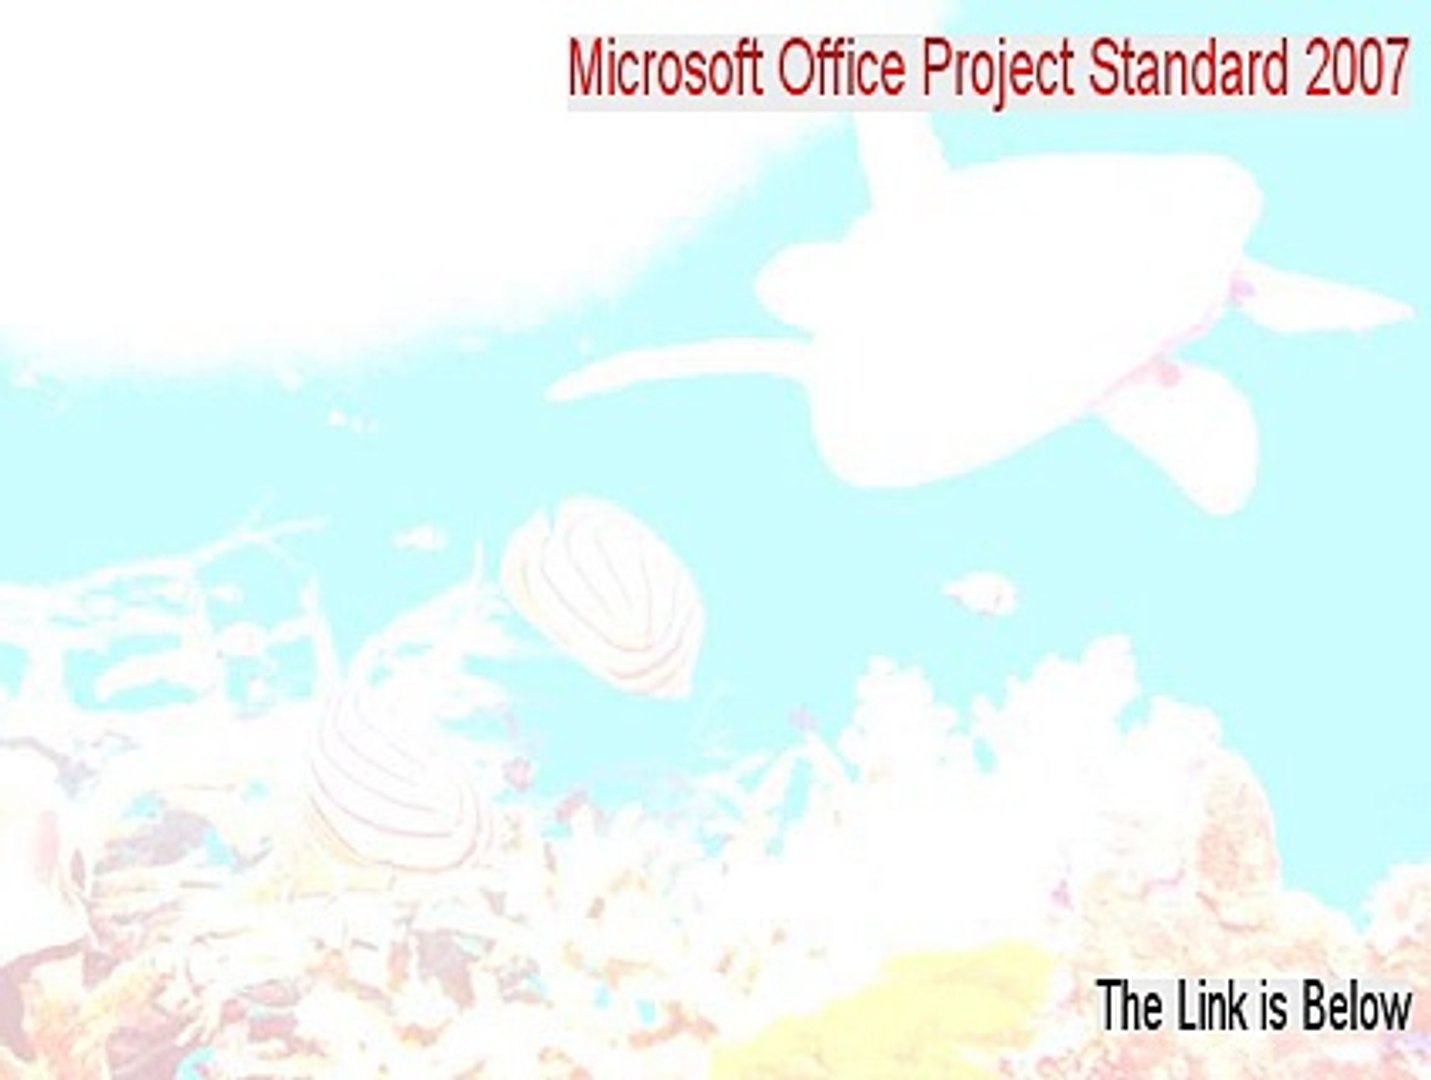 Microsoft Office Project Standard 2007 Keygen - Free of Risk Download [2015]